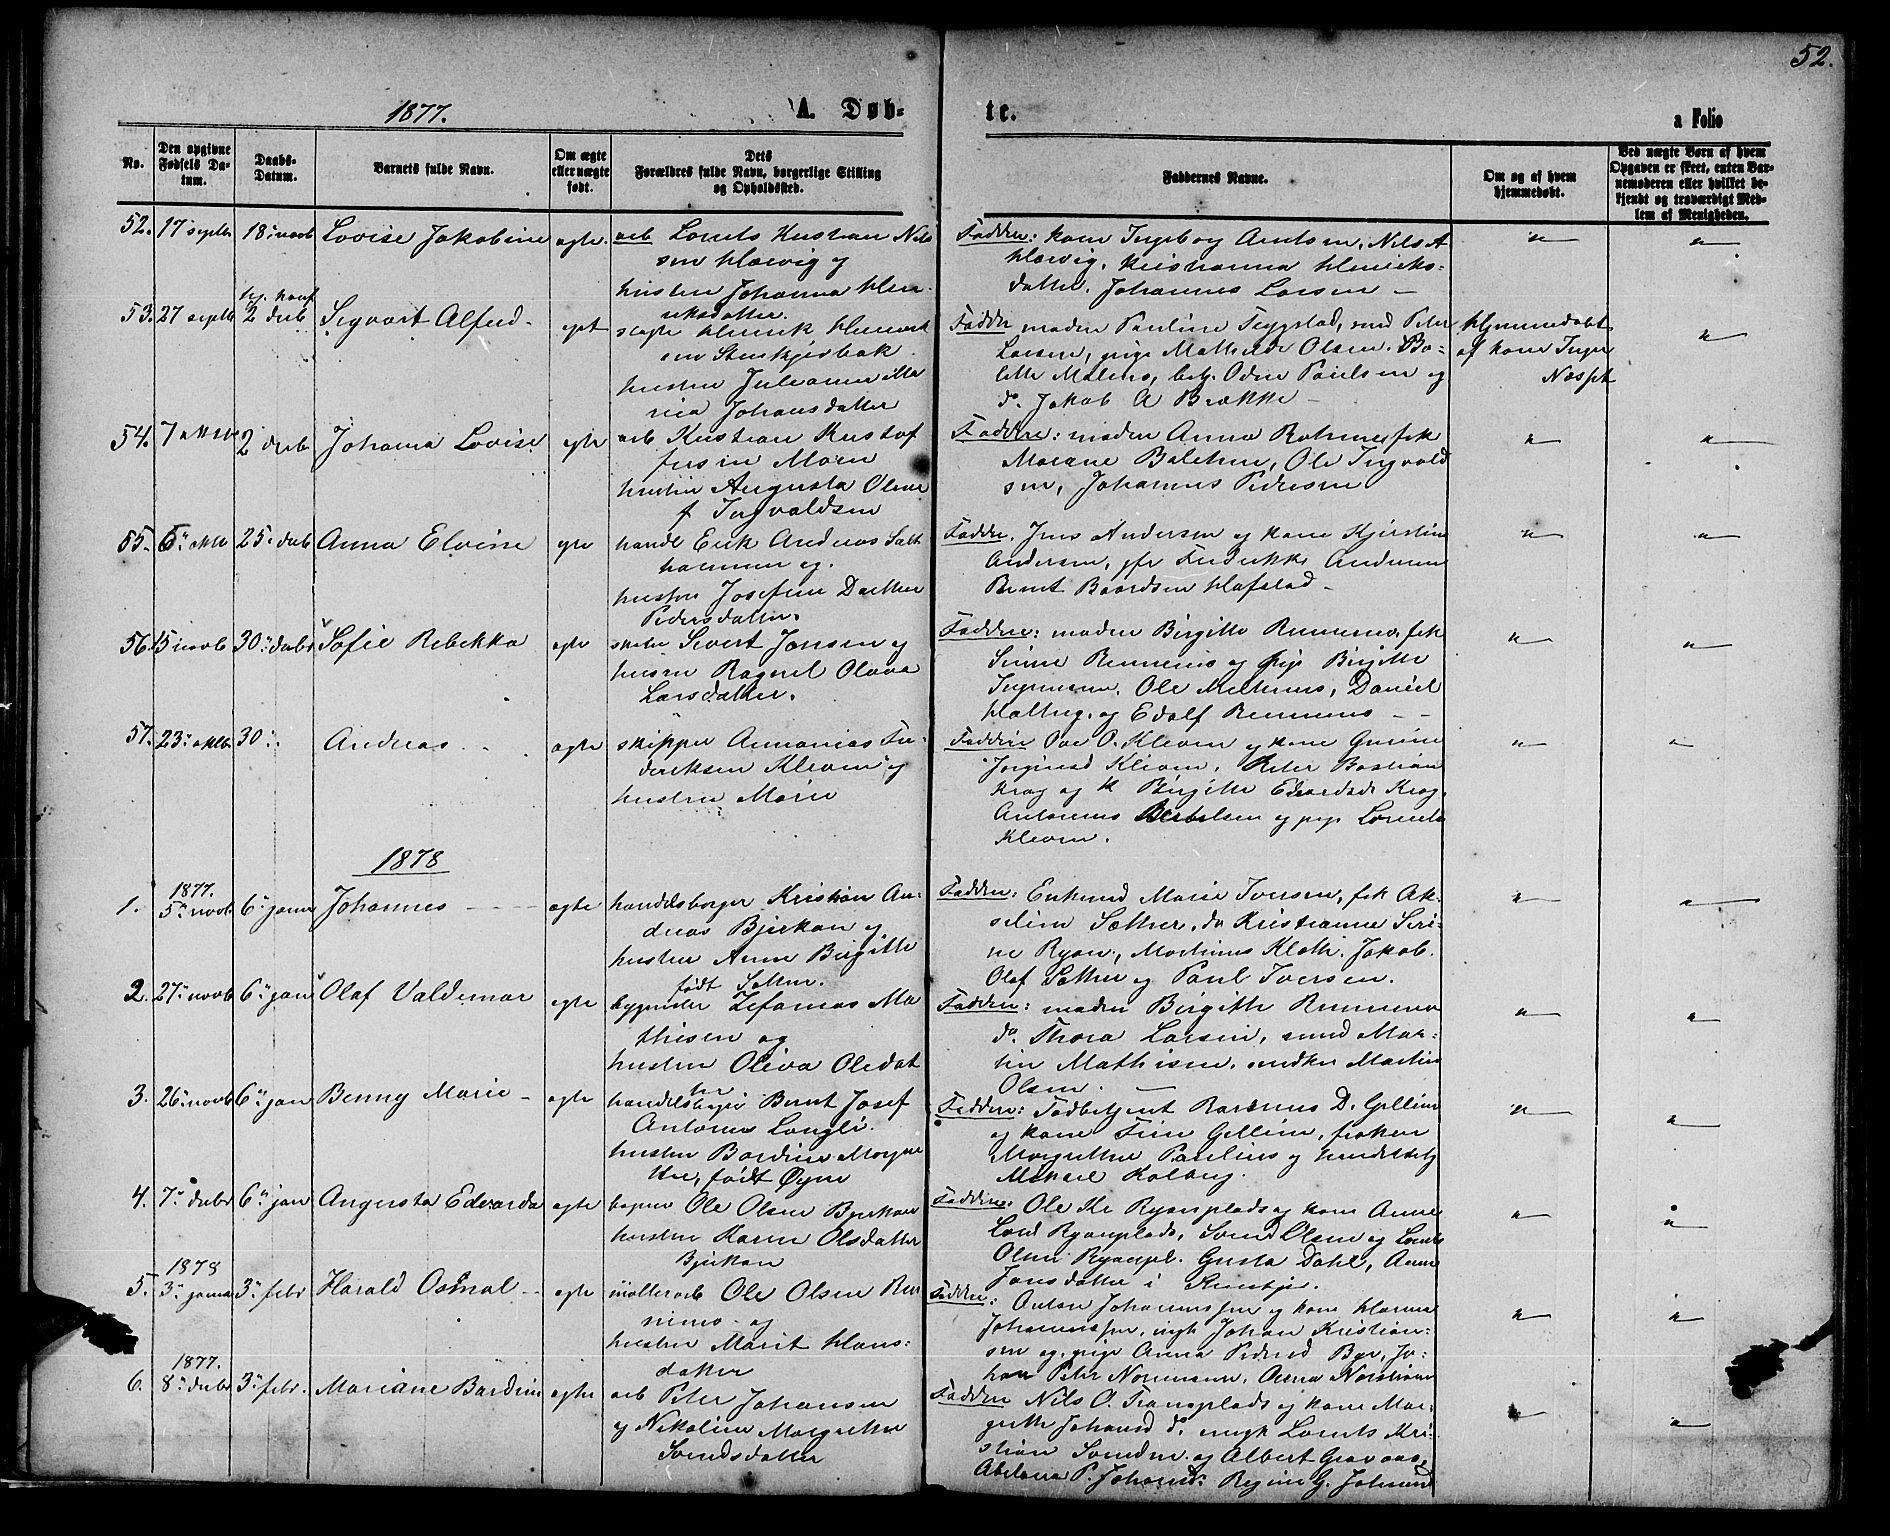 SAT, Ministerialprotokoller, klokkerbøker og fødselsregistre - Nord-Trøndelag, 739/L0373: Klokkerbok nr. 739C01, 1865-1882, s. 52